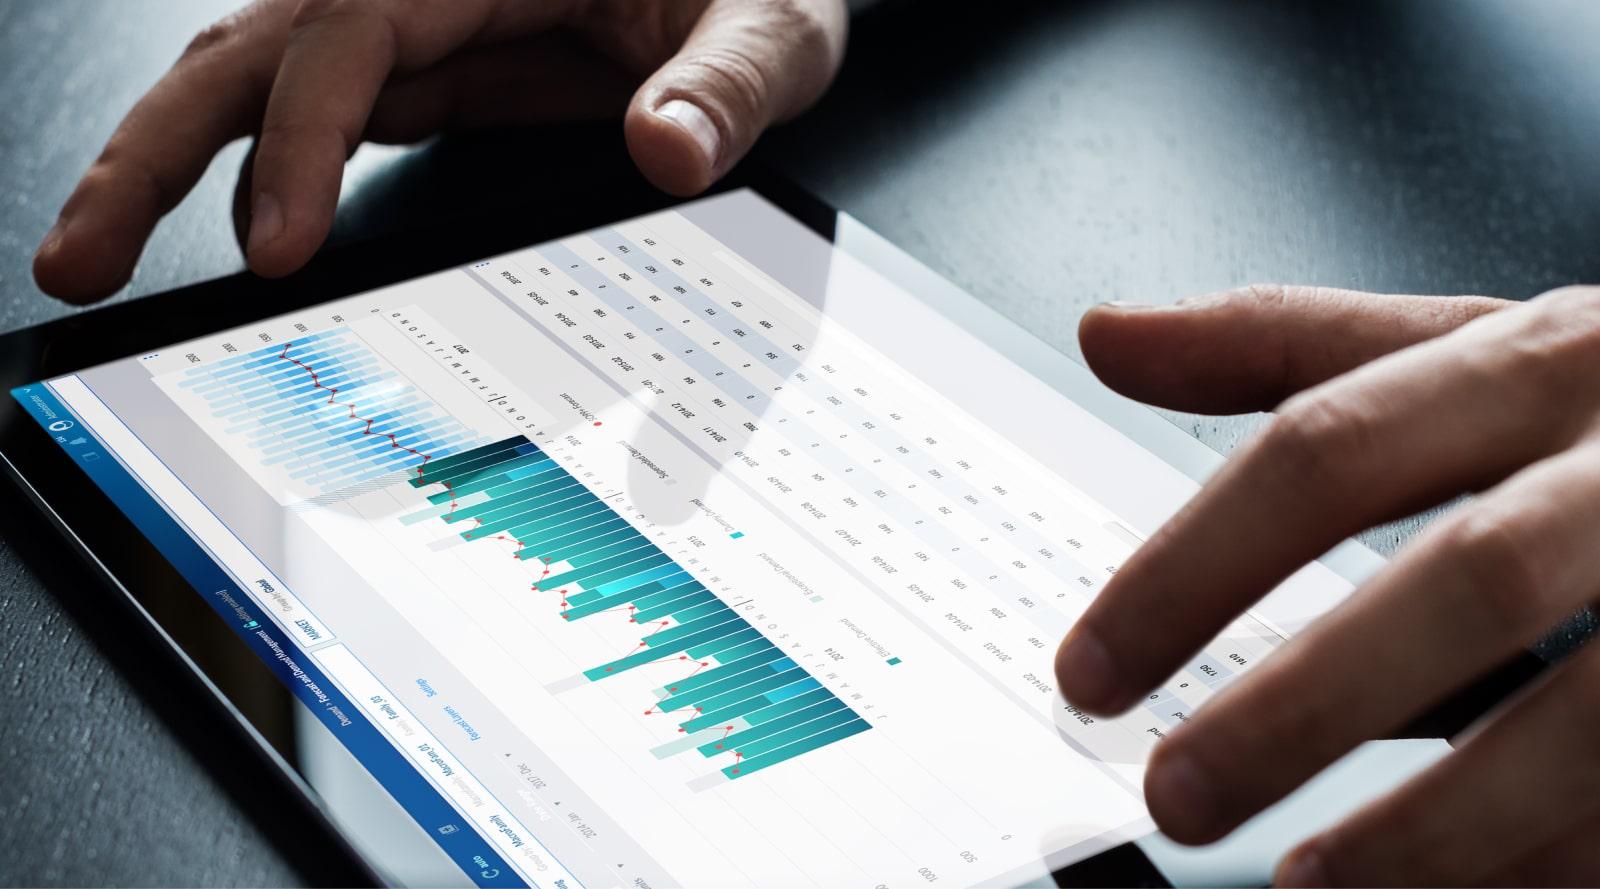 Automatice la planificación para aumentar la productividad - Image